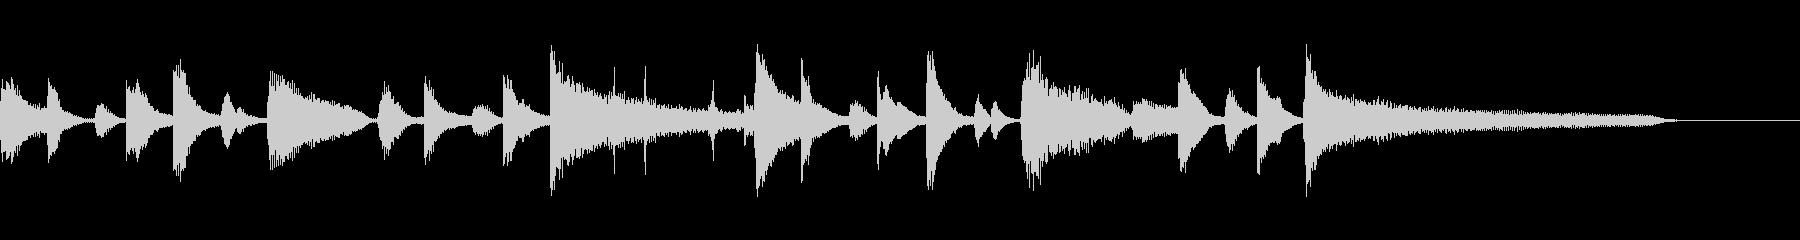 ★クラシカルで知的な可愛いジングルの未再生の波形